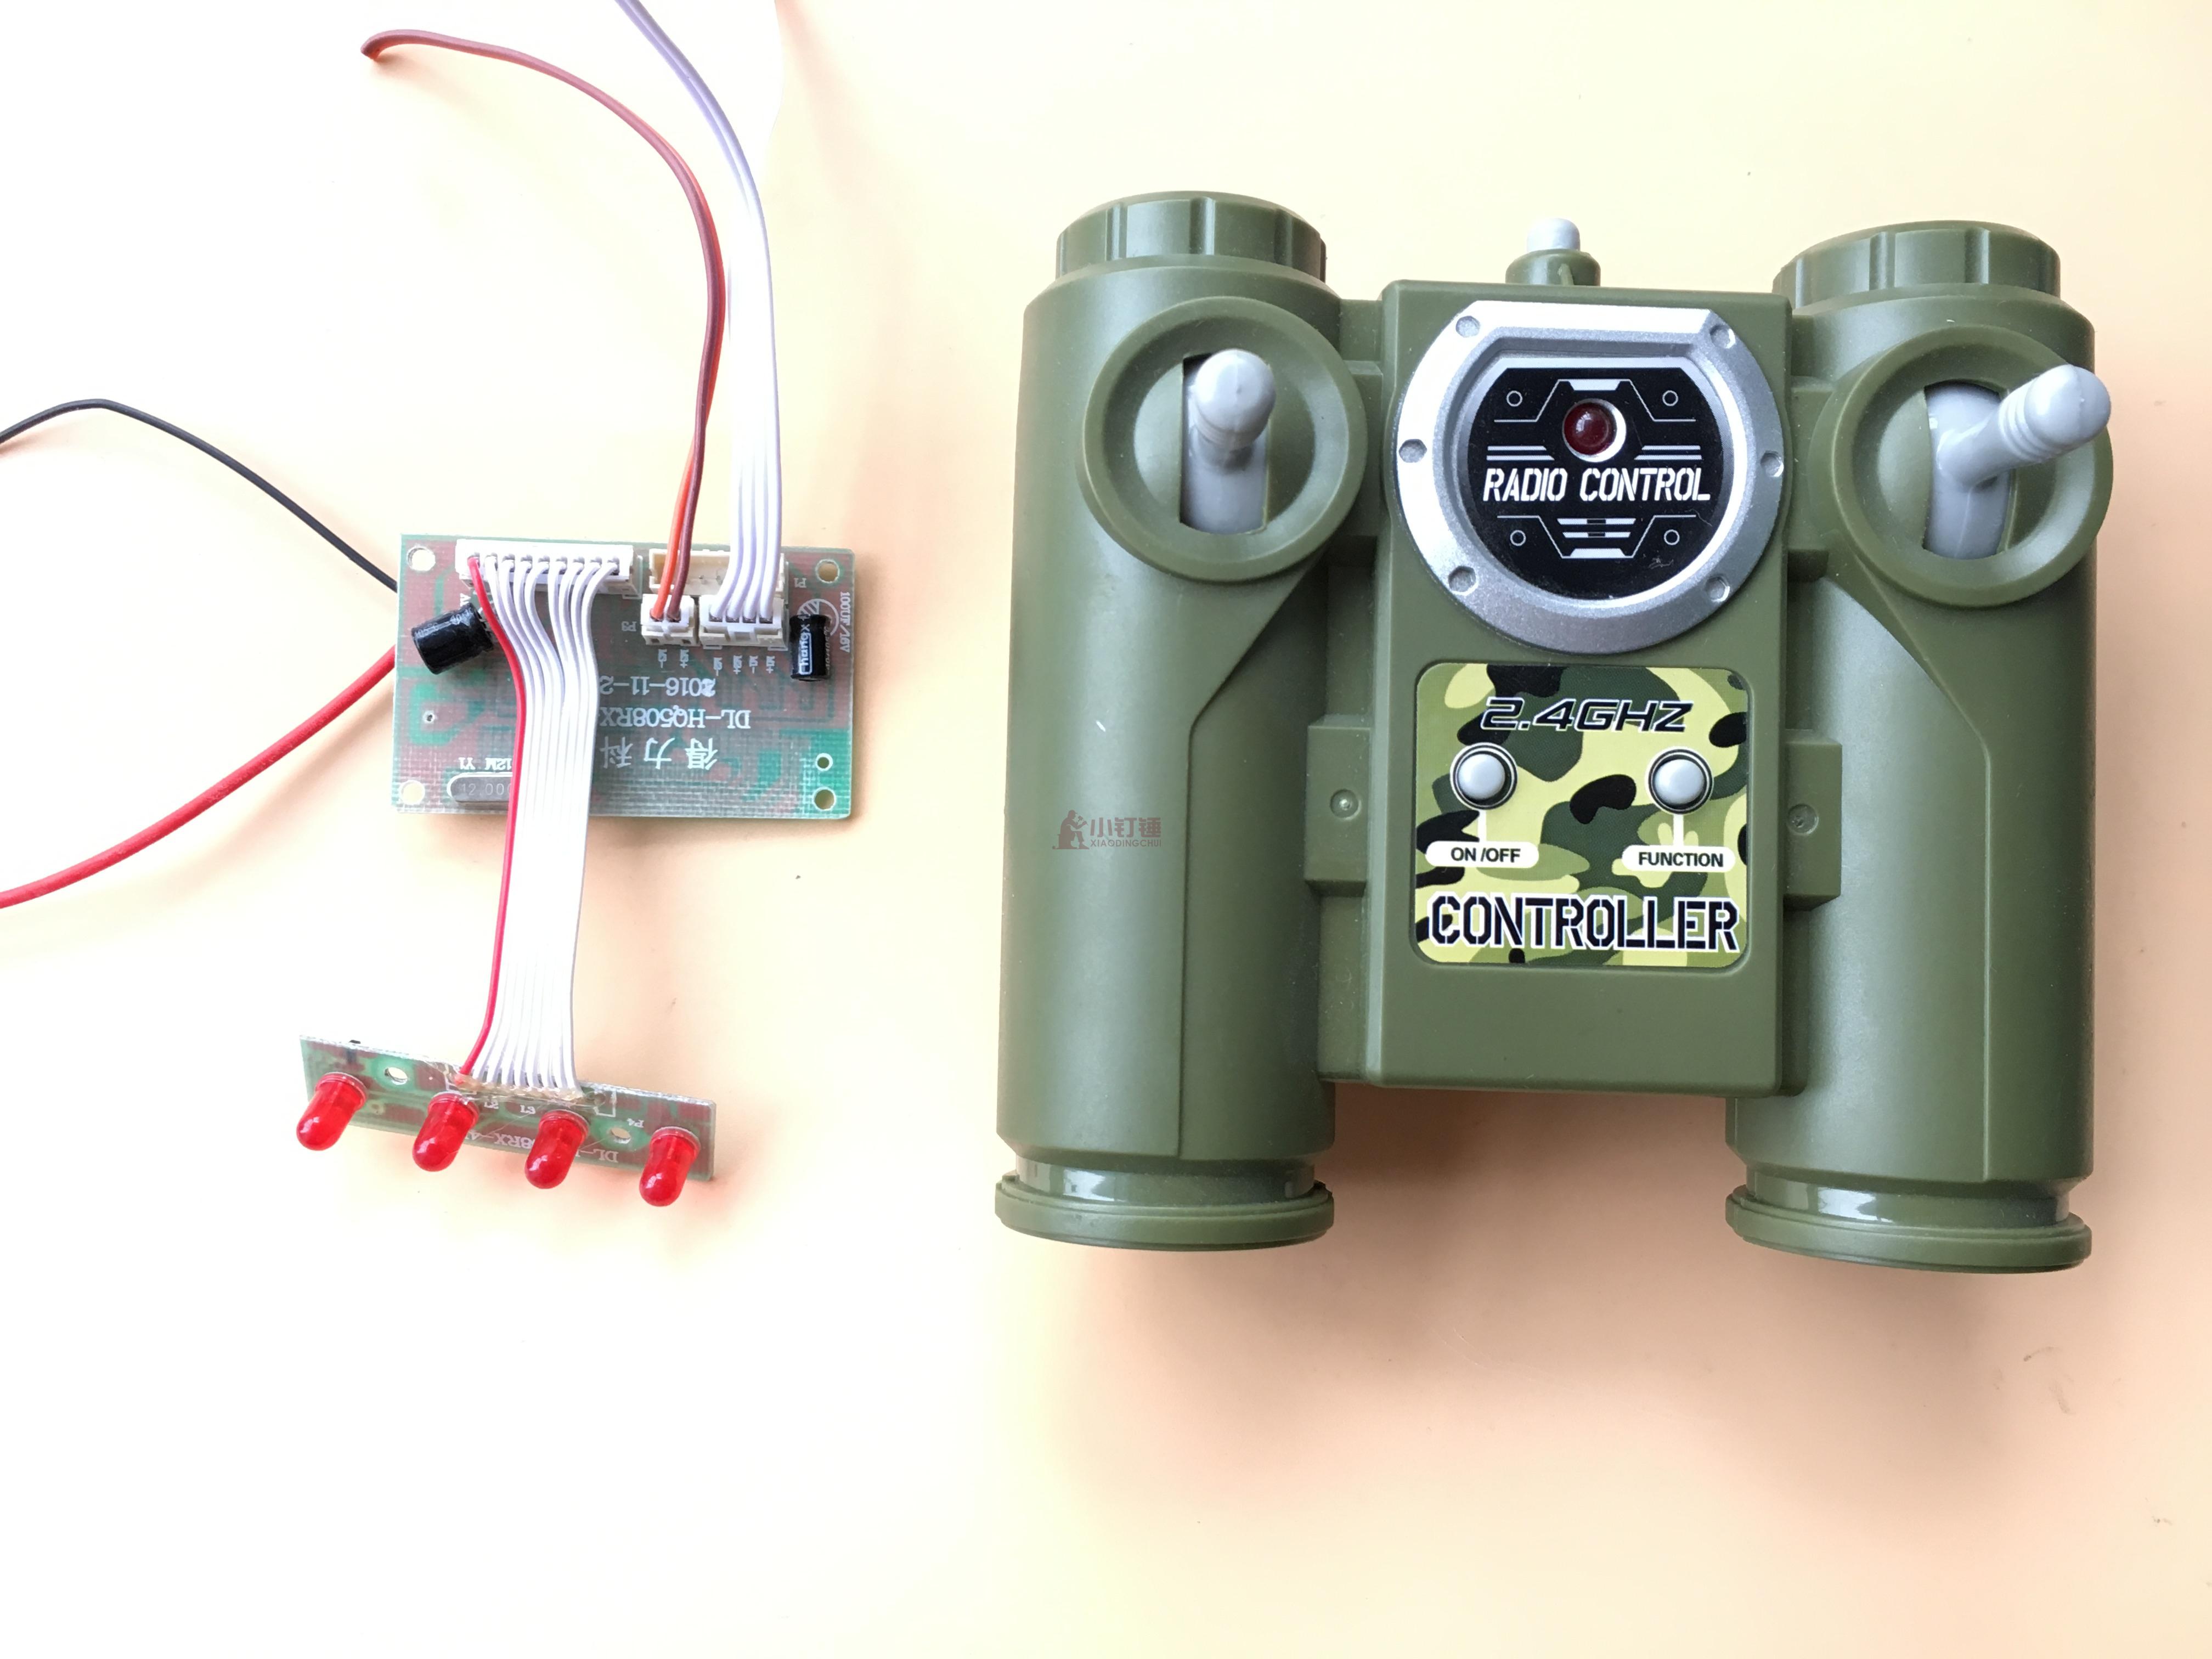 2017 6六通道 迷你 2.4G遥控器带接收板 30米 坦克车船遥控DIY